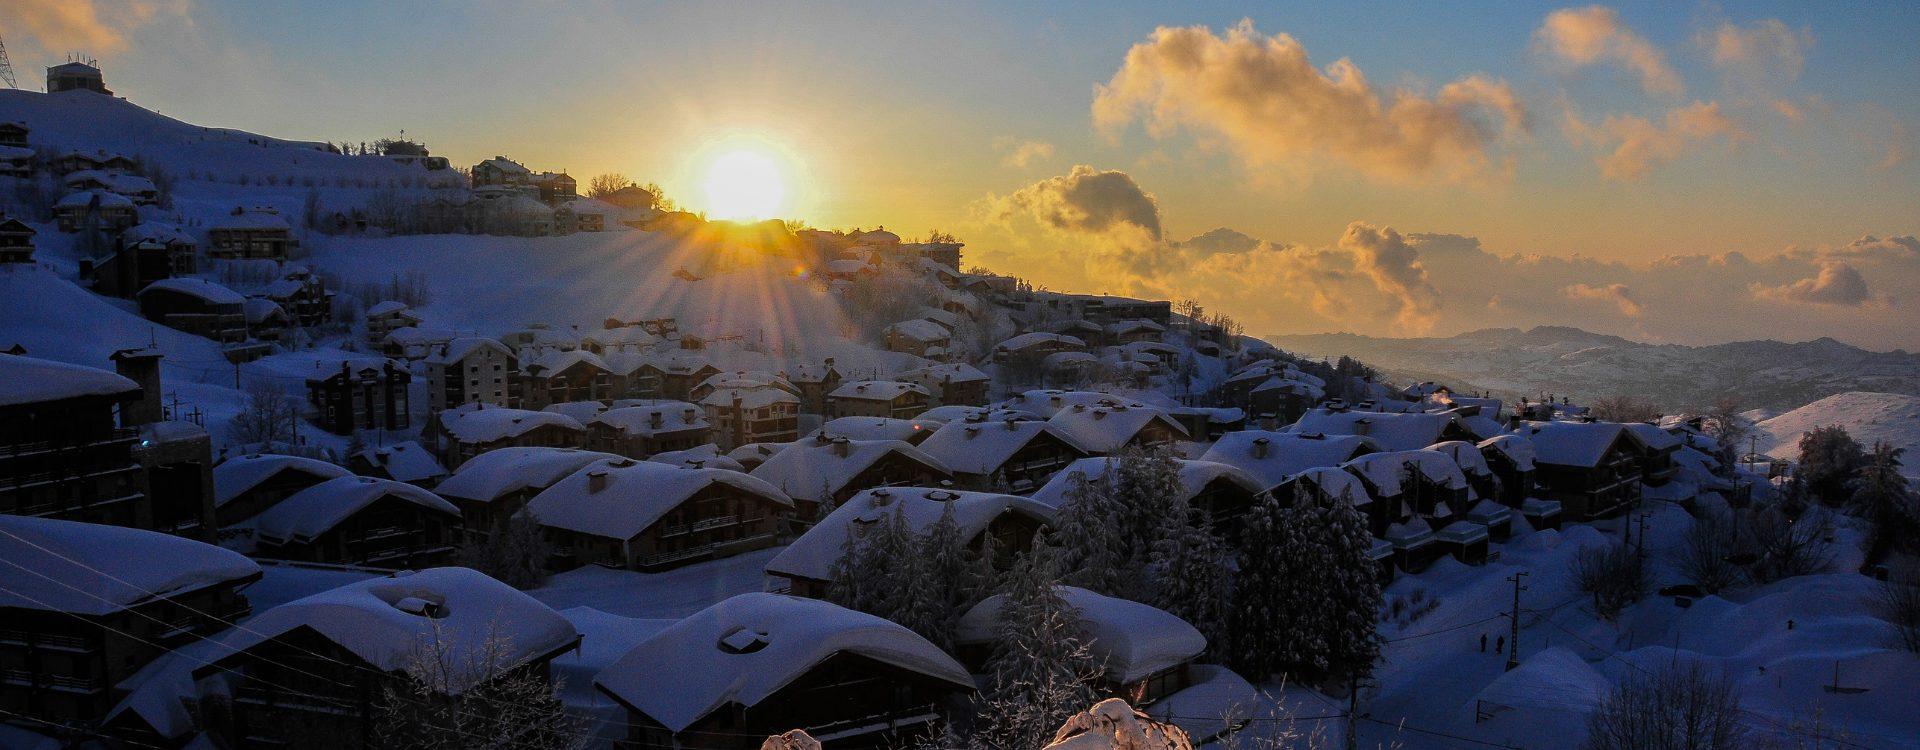 Liban - Raid à ski - Exploration dans les montagnes du Liban - Les matins du monde